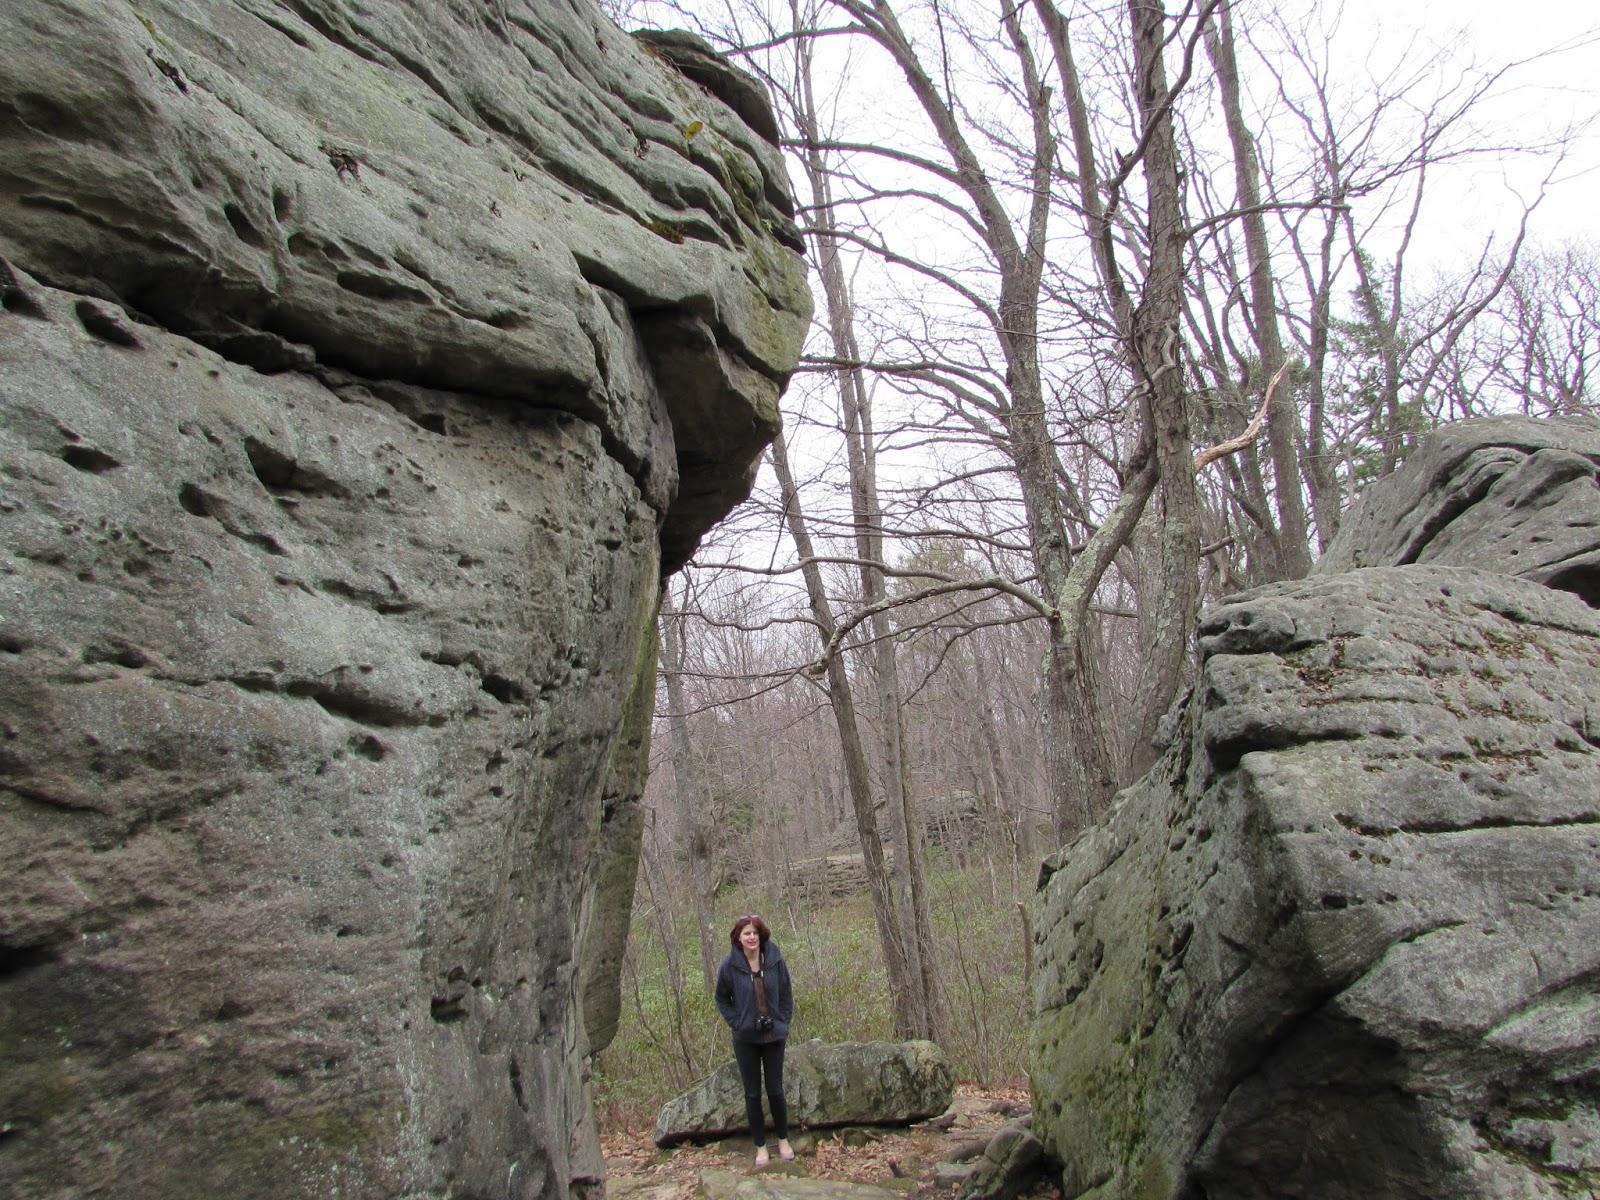 Bear Creek Pa >> Beartown Rocks: A Rock City in Clear Creek State Forest ...